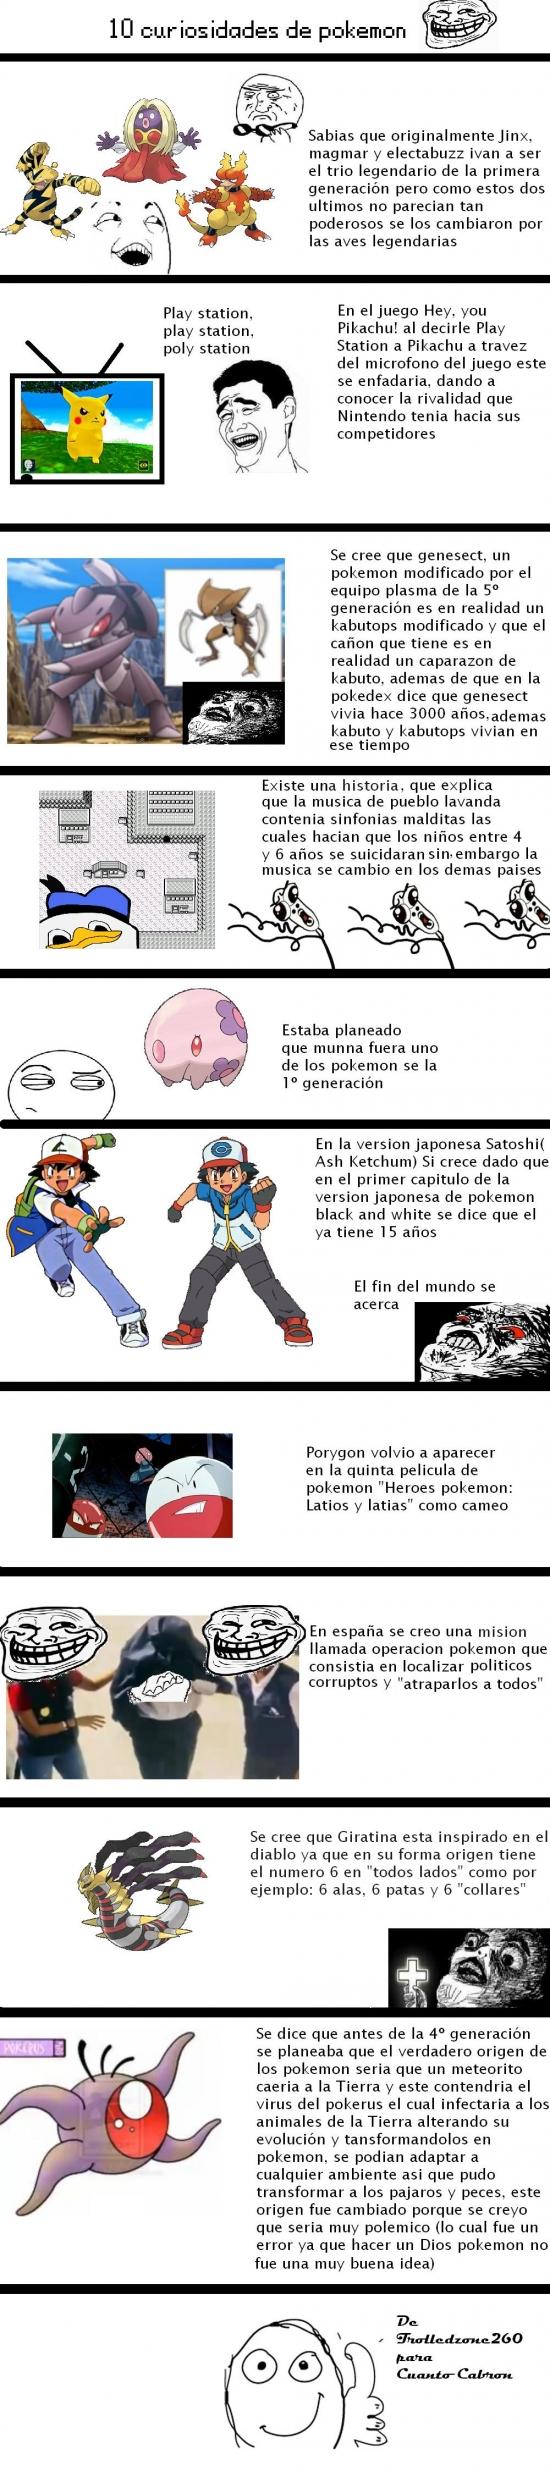 Otros - Curiosidades que no sabías de Pokémon